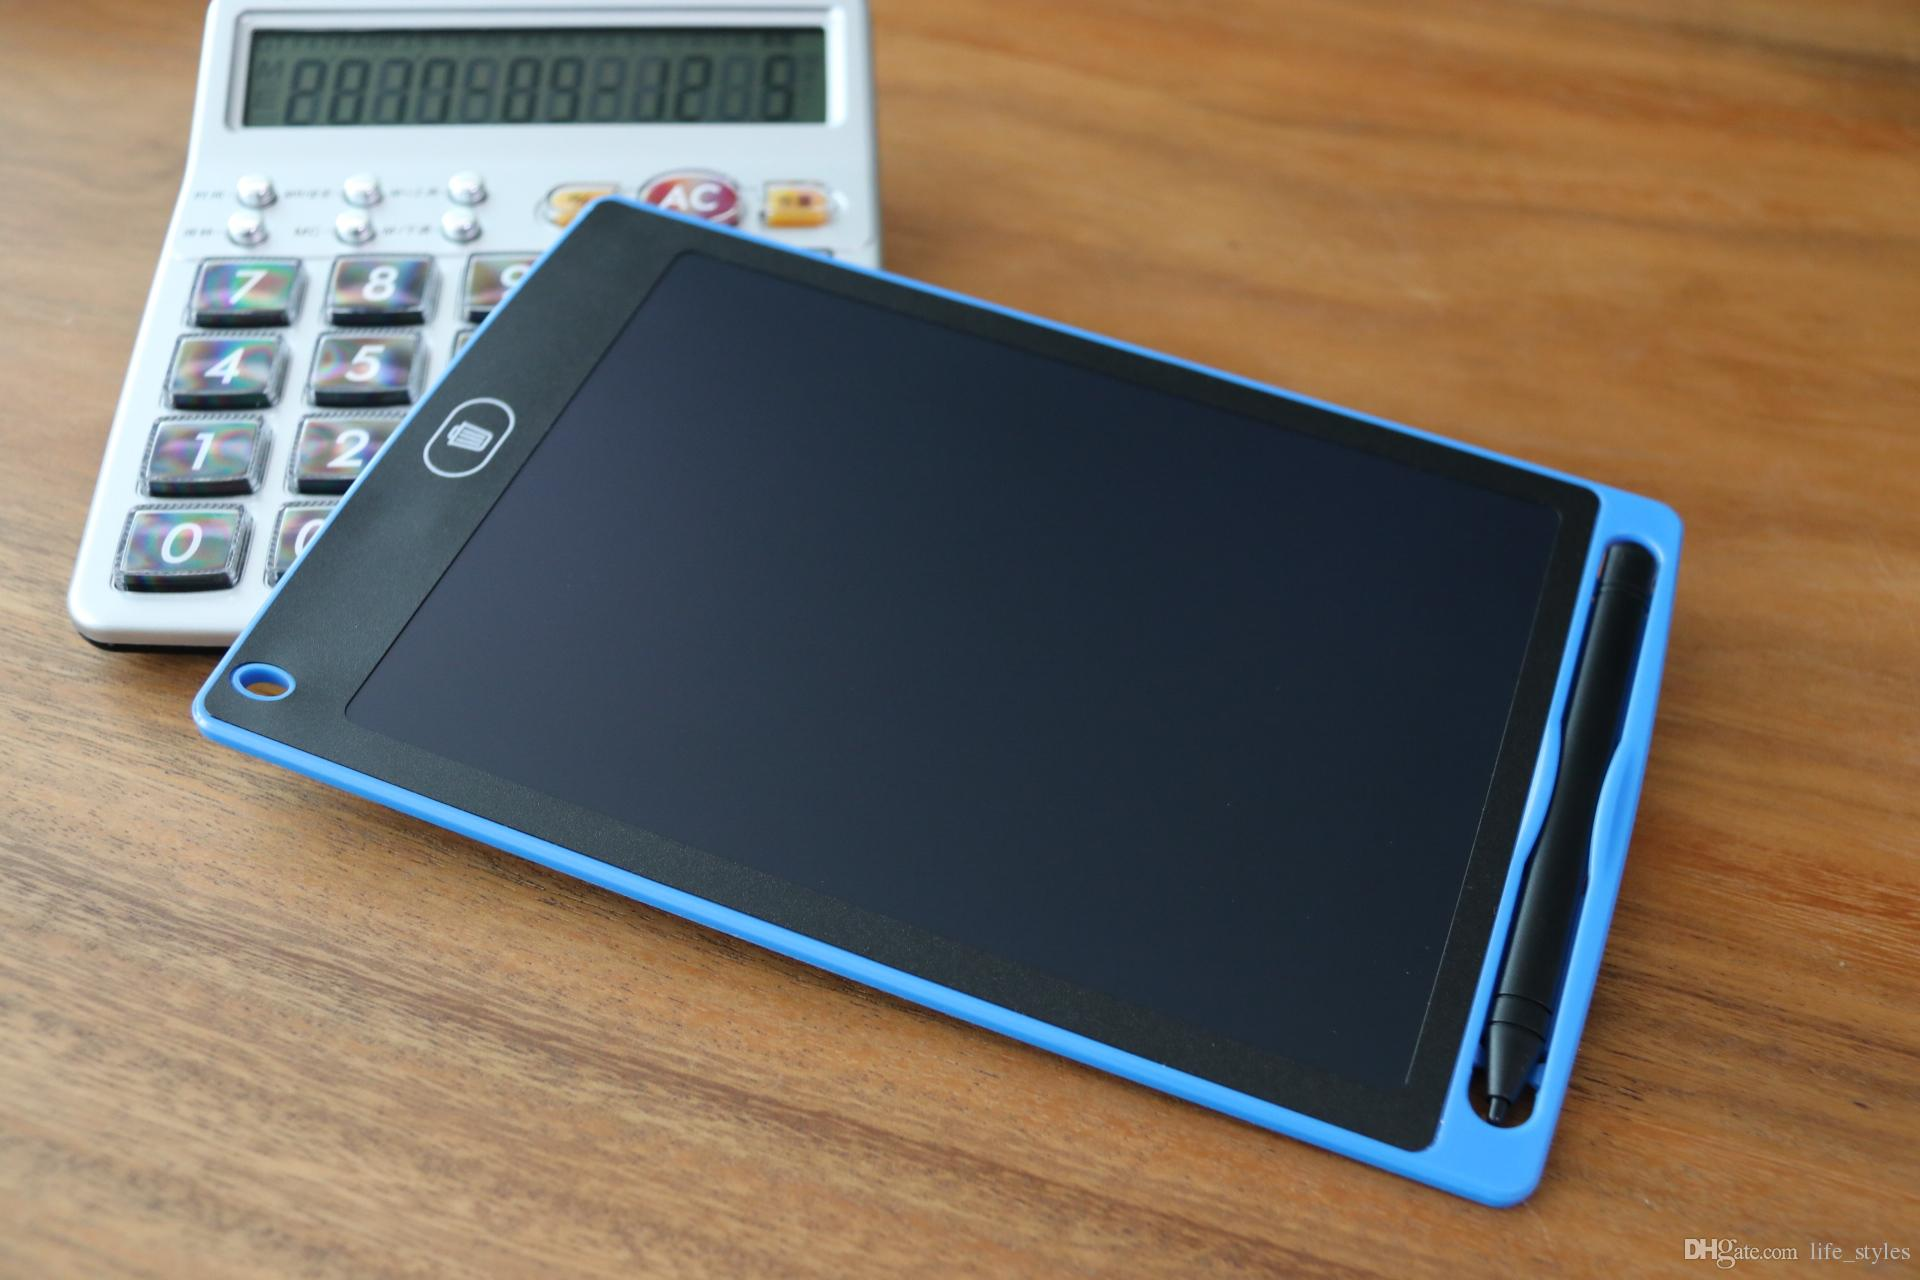 Livraison gratuite 8,5 pouces LCD tablette d'écriture tablette planche à dessin sans papier bloc-notes numérique réécrit Pad pour dessiner note mémo rappeler message